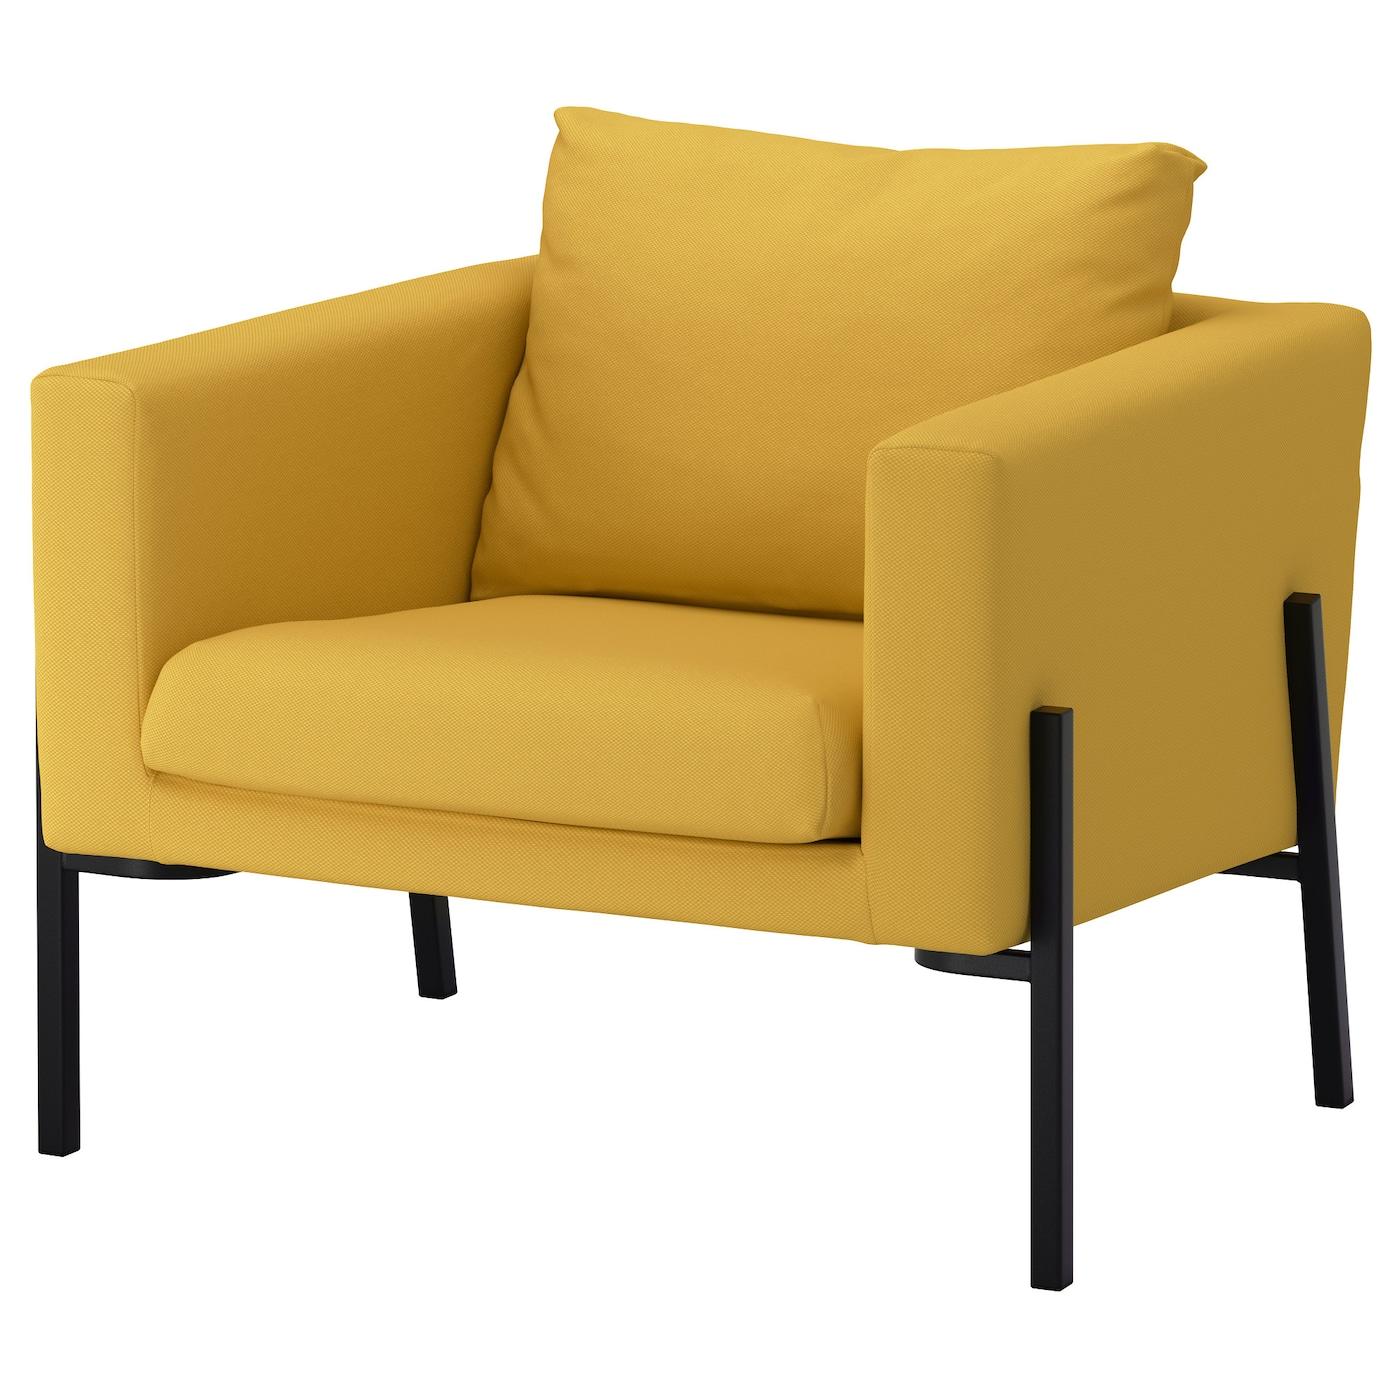 KOARP Armchair Gräsbo golden yellow black IKEA